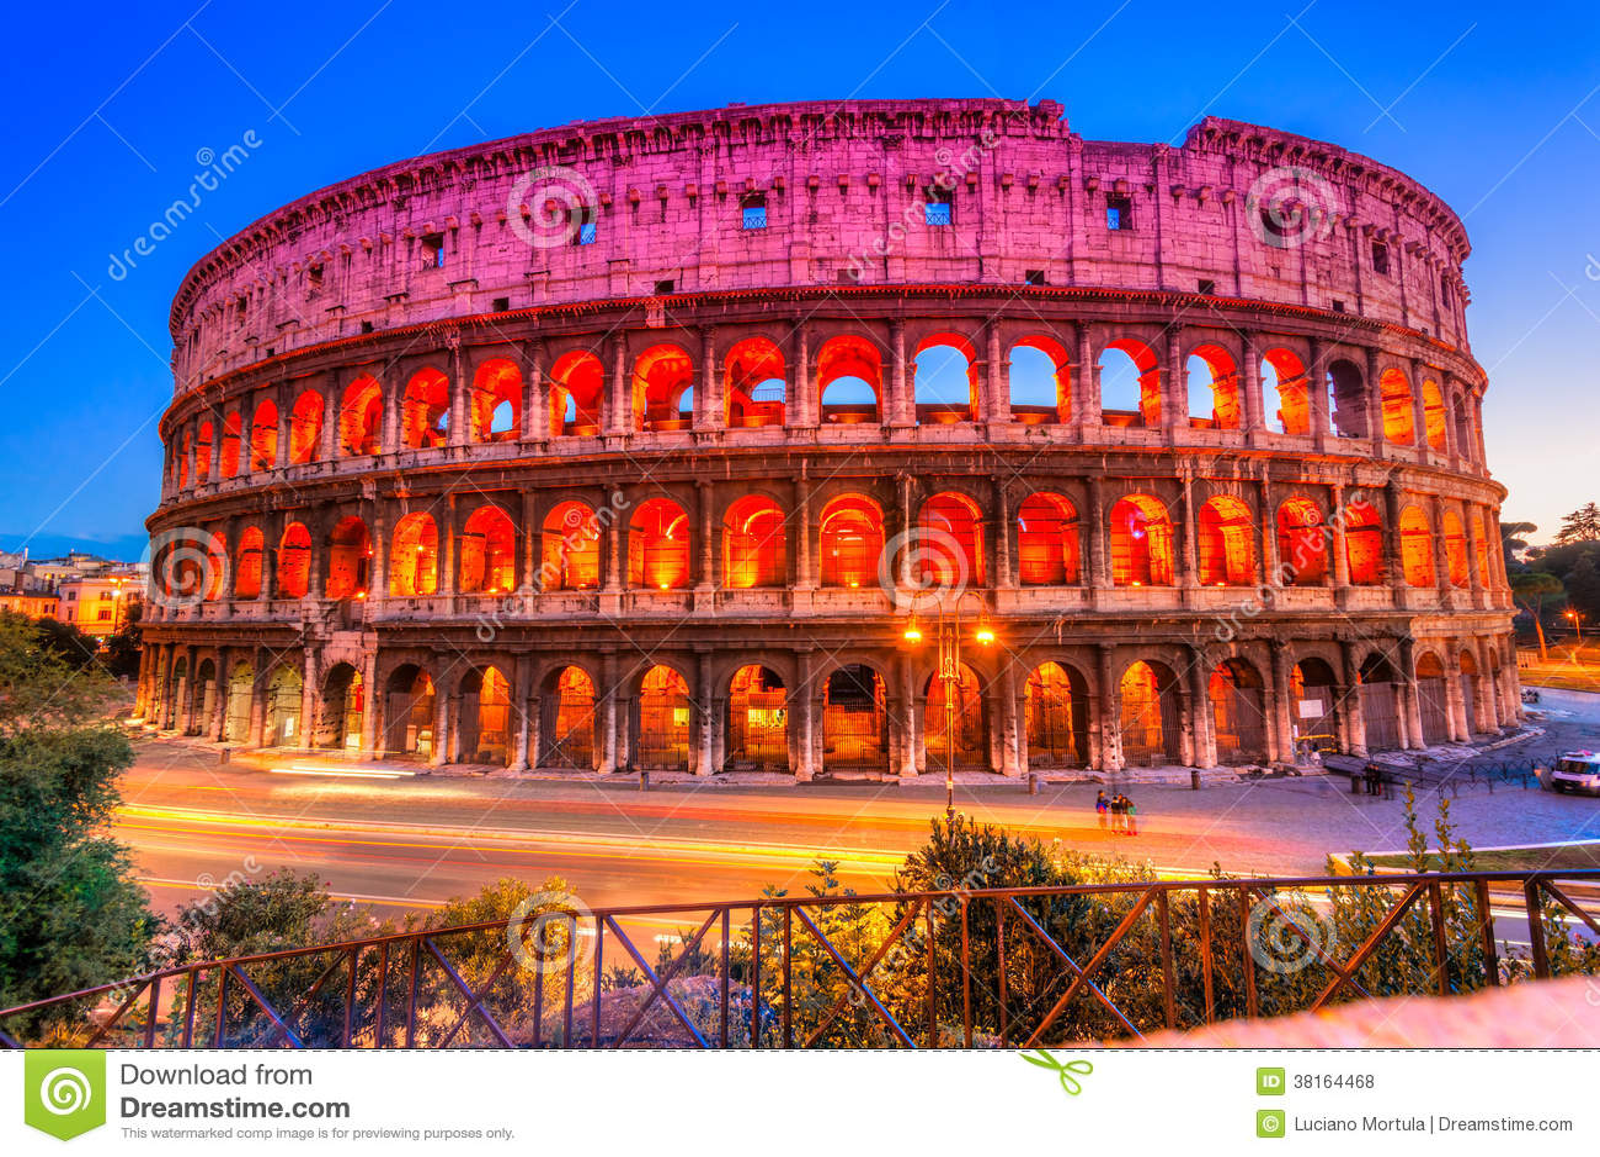 Grand Colosseum, Rome, Italie